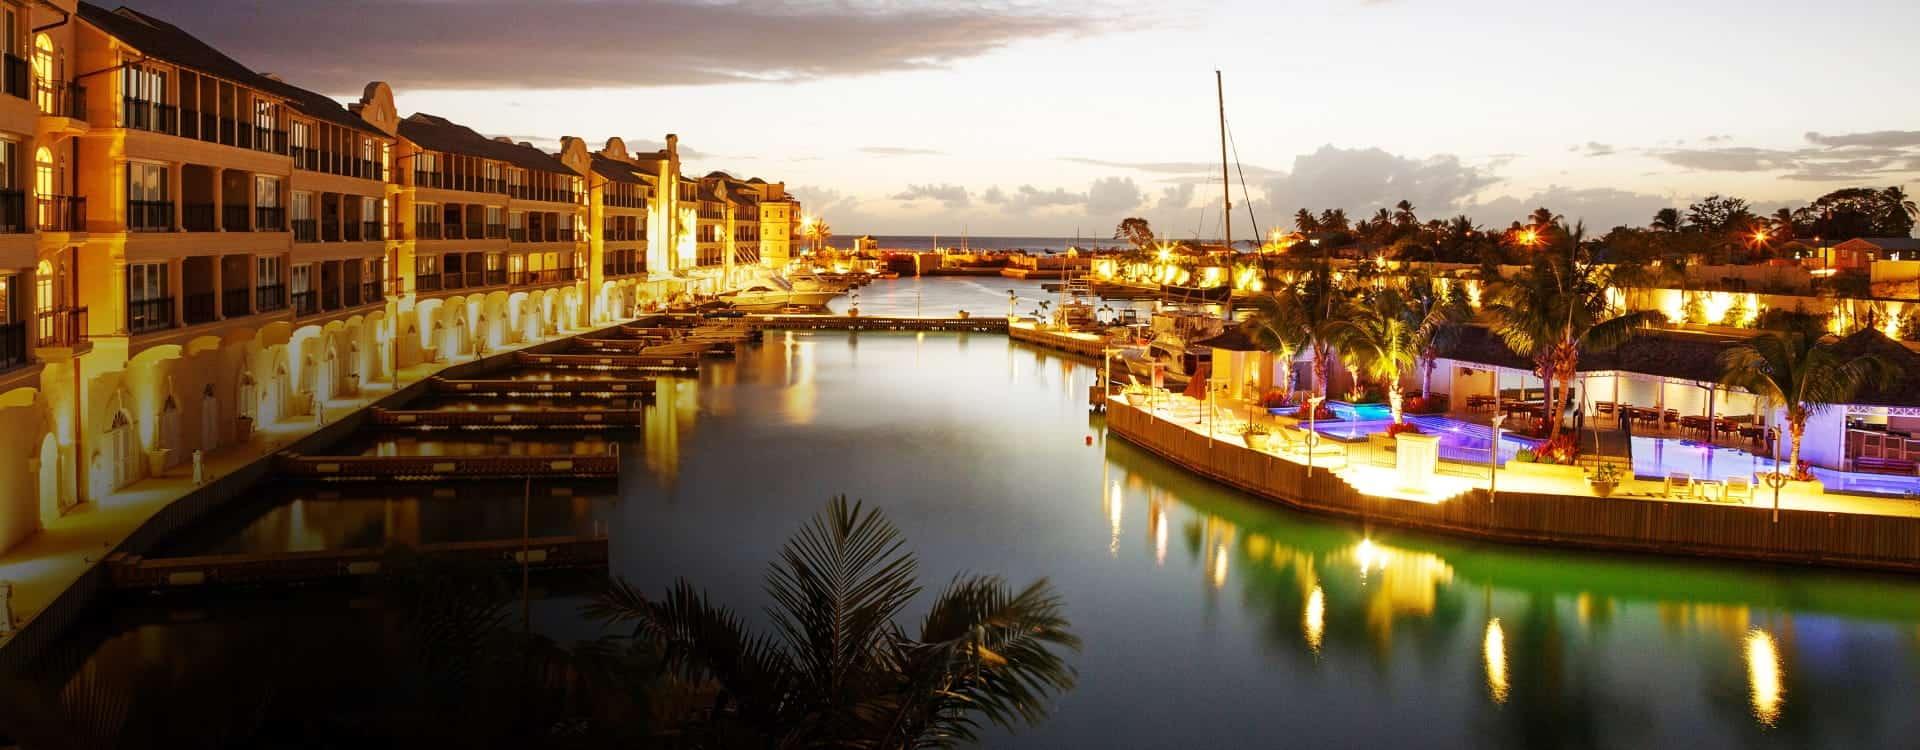 Go Barbados Banner Image